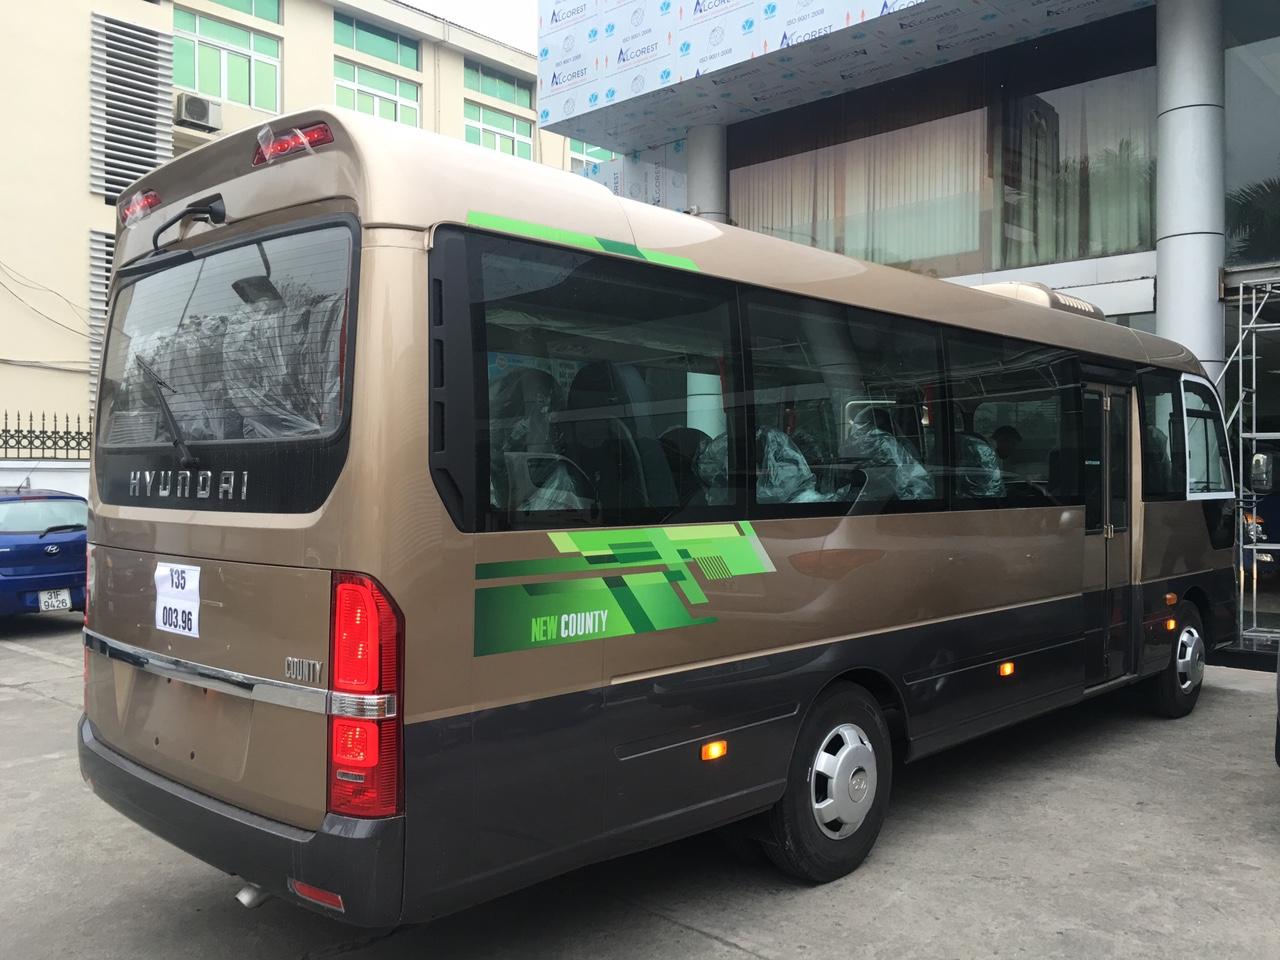 Xe khách 29 chỗ Hyundai new county 2019 nhập khẩu 3 cục hàn quốc